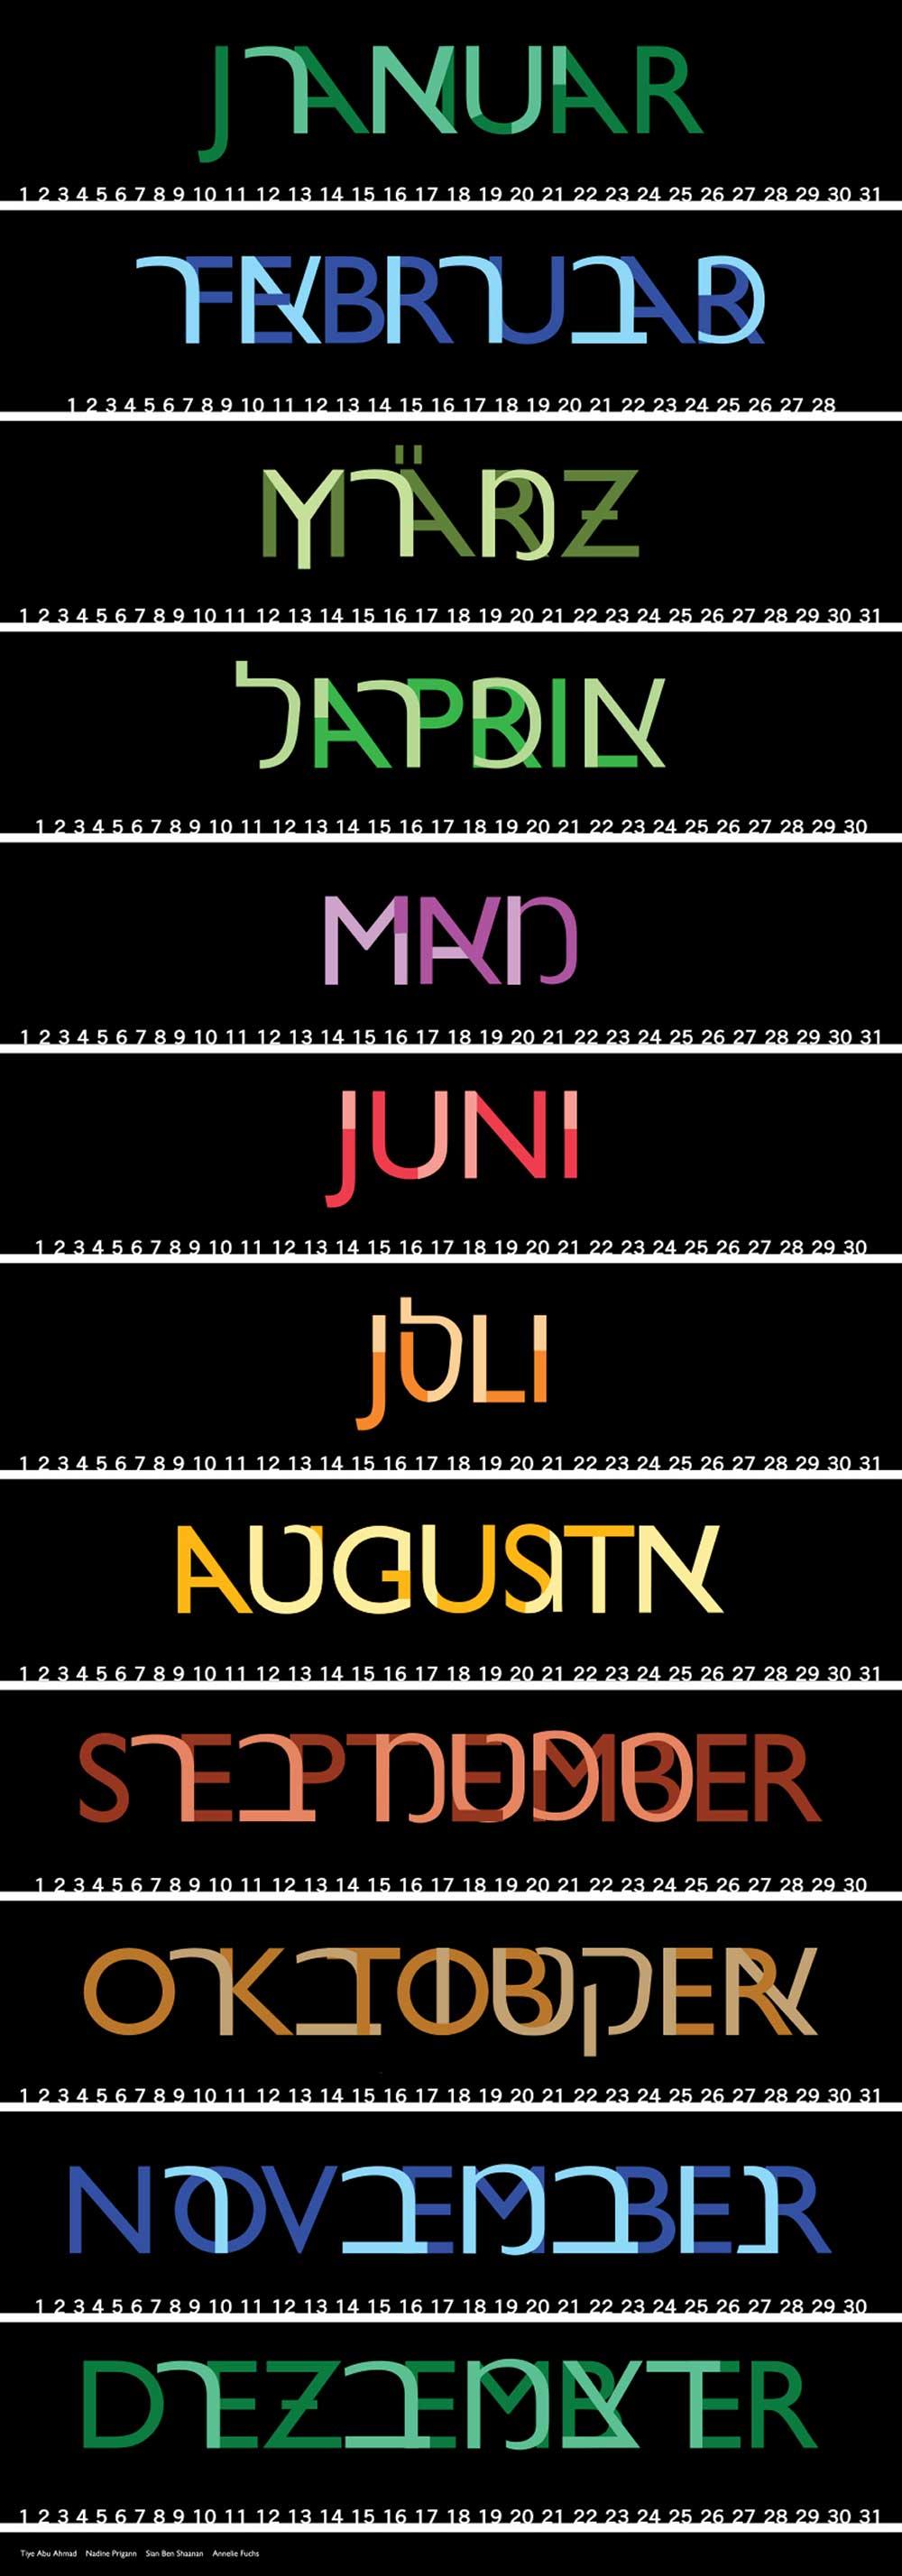 חודשי השנה, הכרזה של אנאלי פאושס, סיאן בן שאנן, נאדין פריגן, טאי אבו אחמד